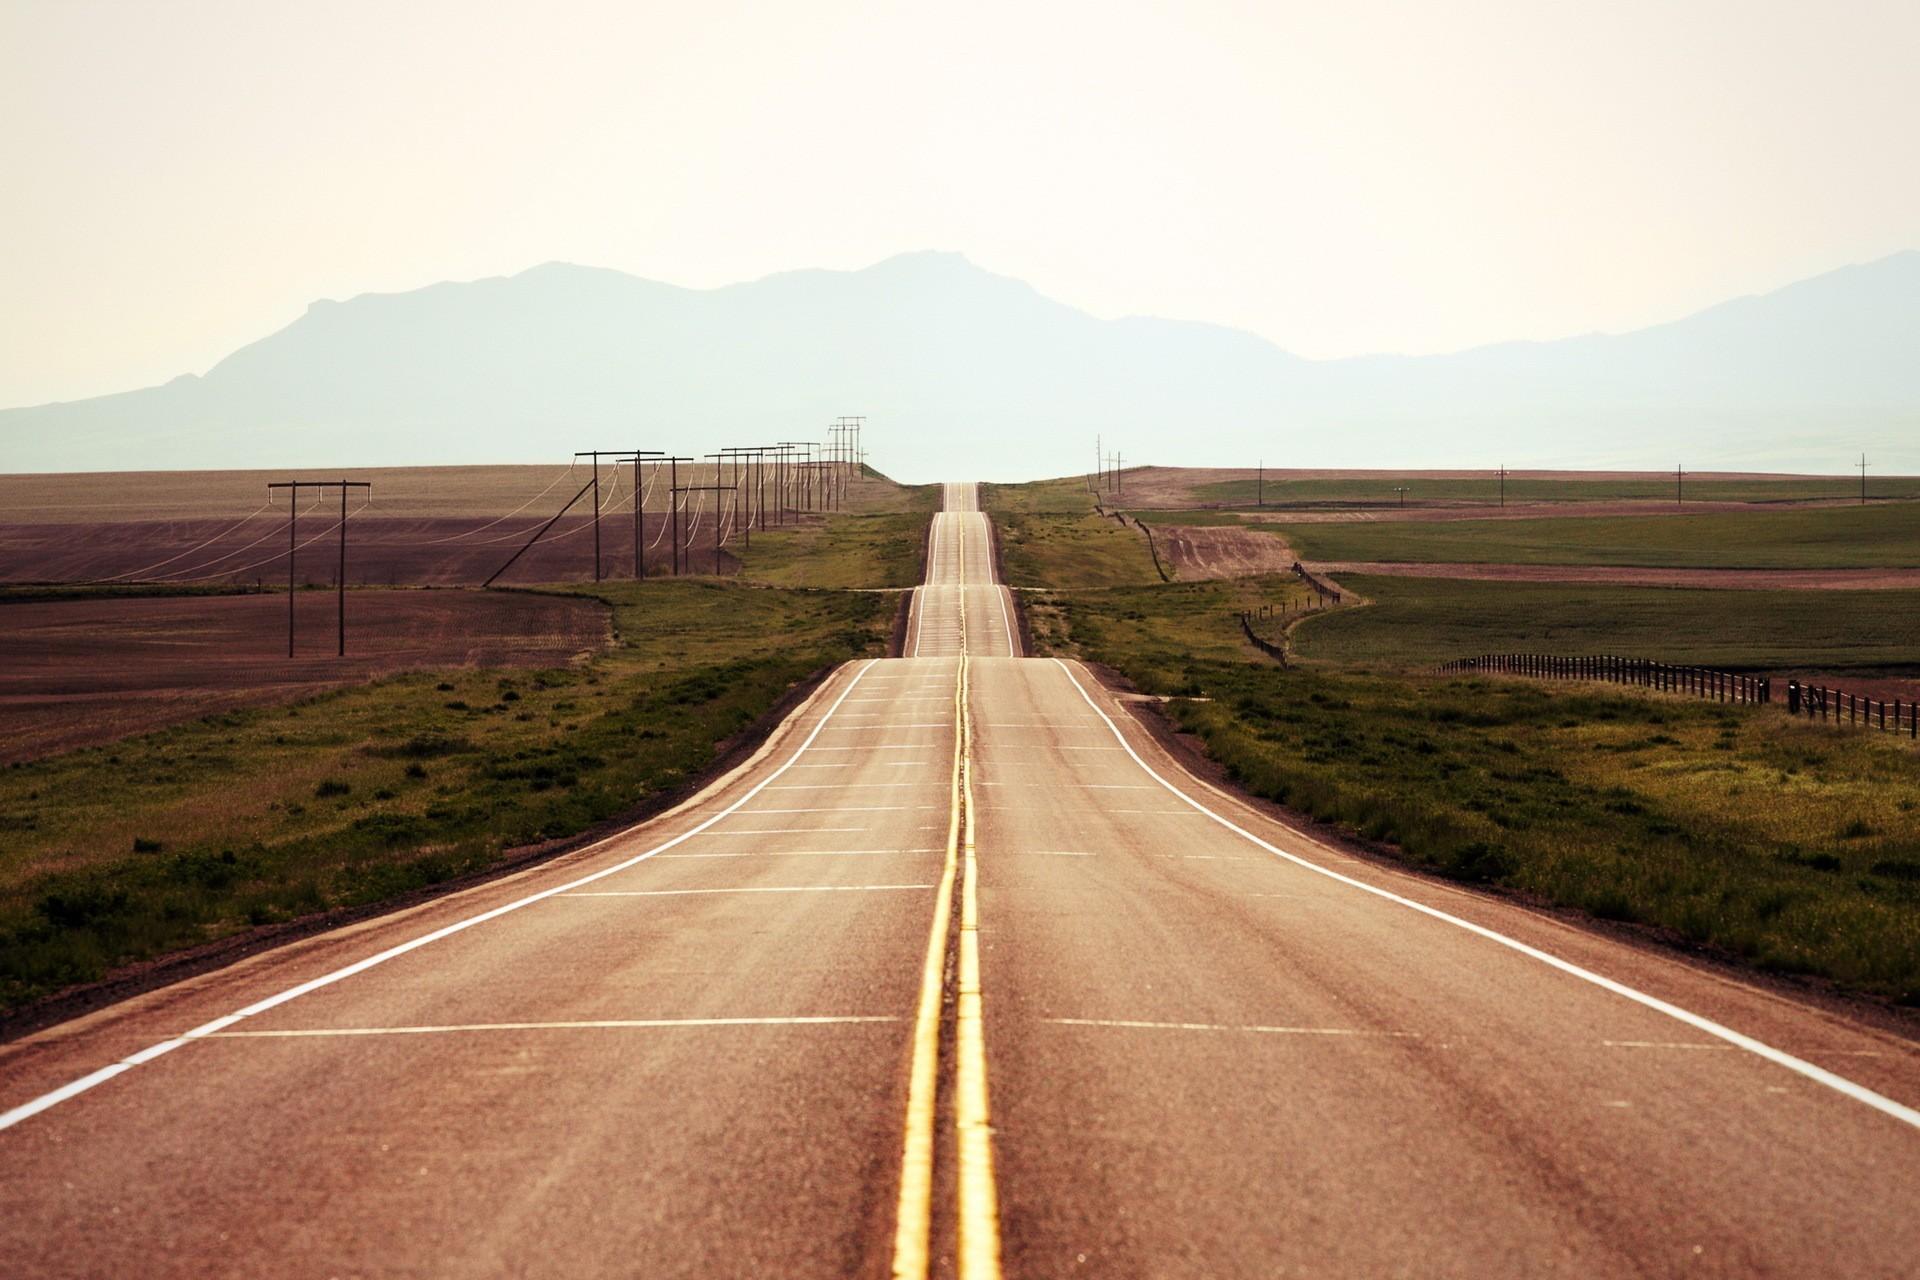 харрис фото красивой длинной дороги дом всеволожск